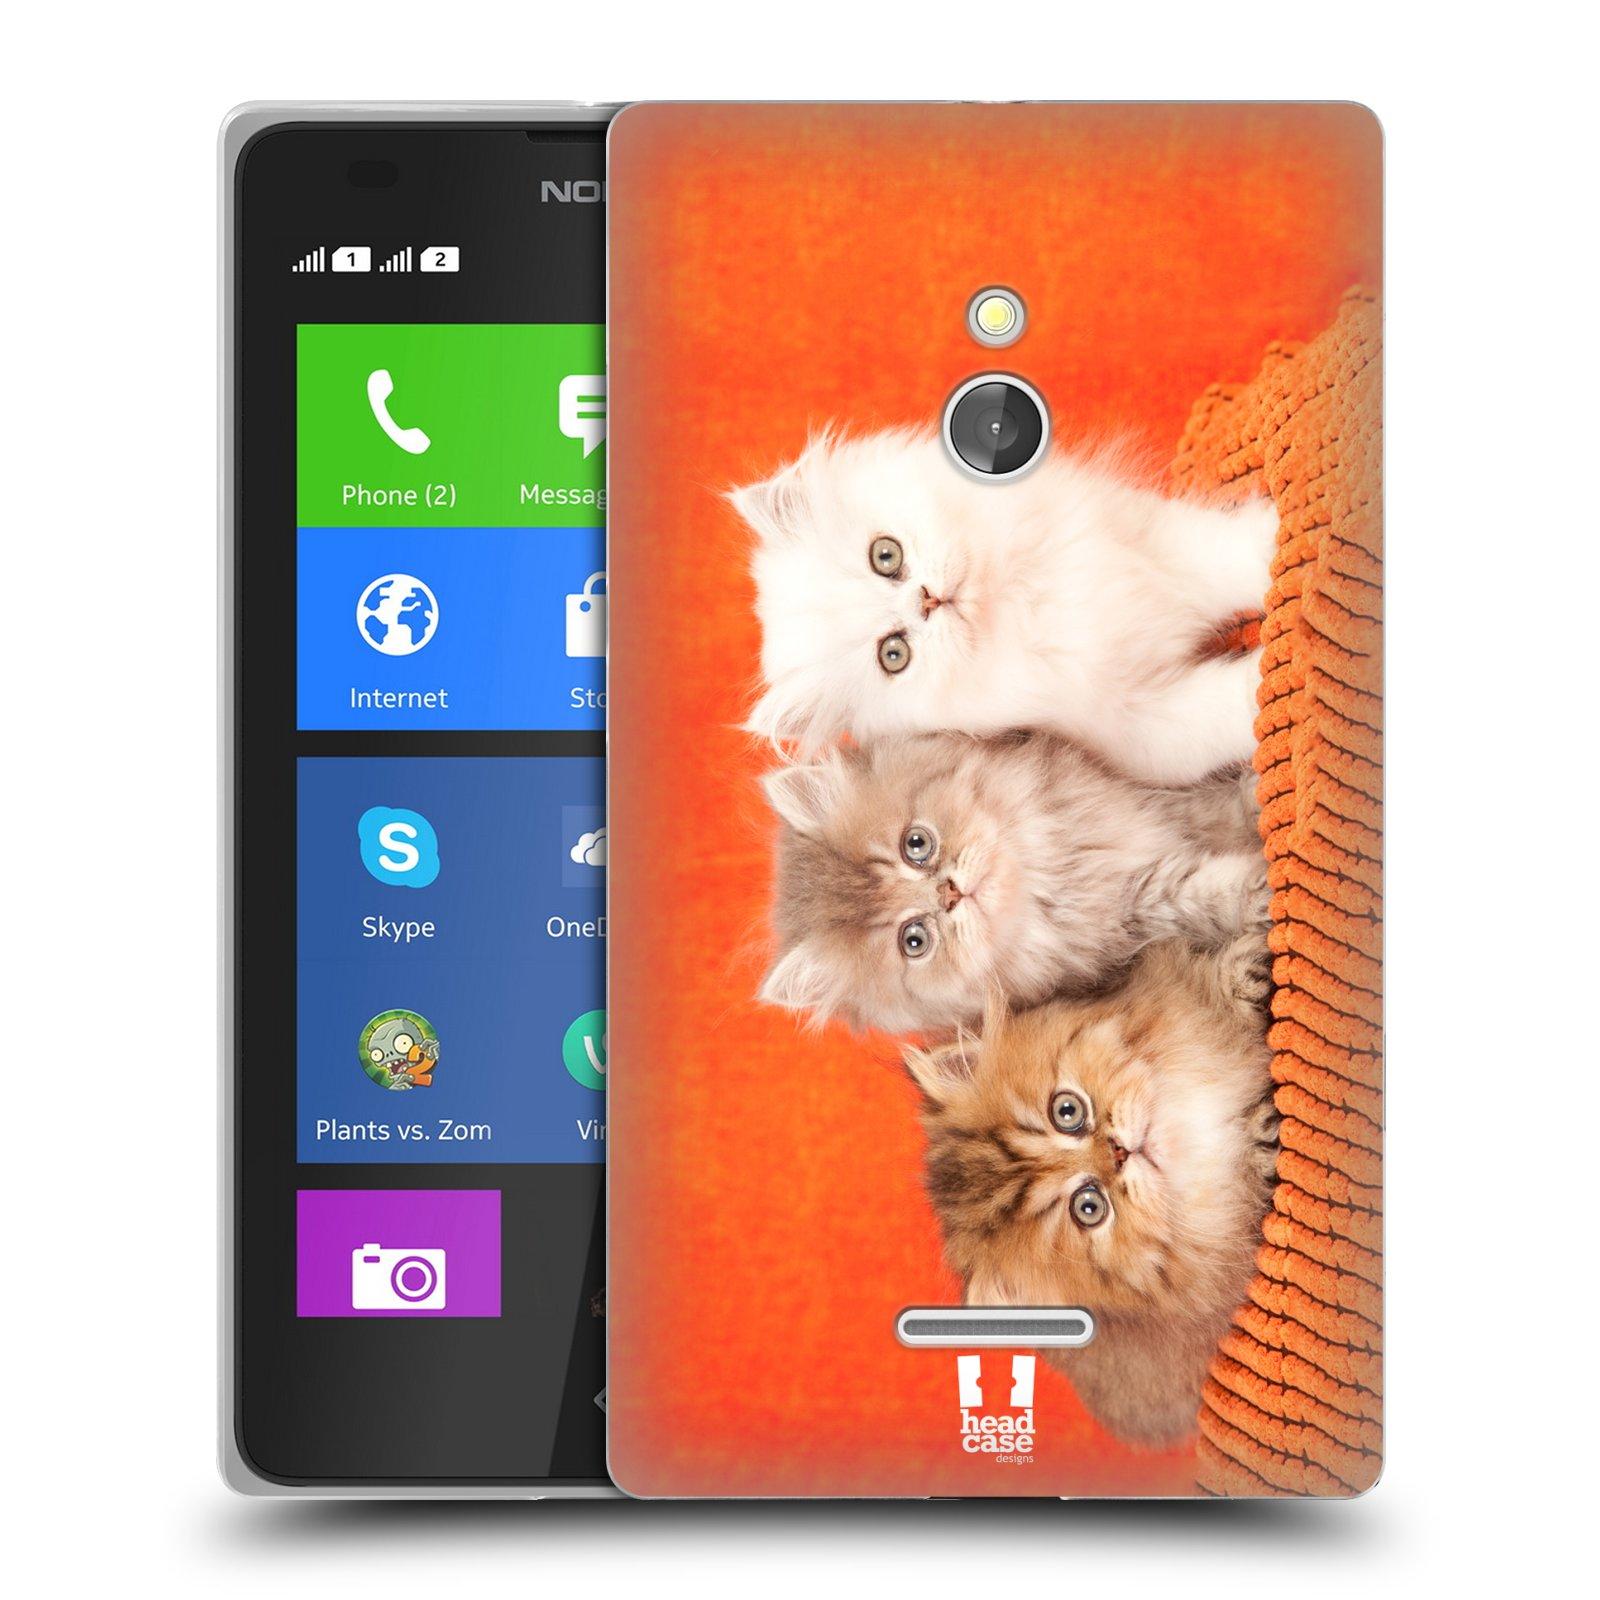 HEAD CASE silikonový obal na mobil NOKIA XL / NOKIA XL DUAL SIM vzor Kočičky koťata foto 3 kočky